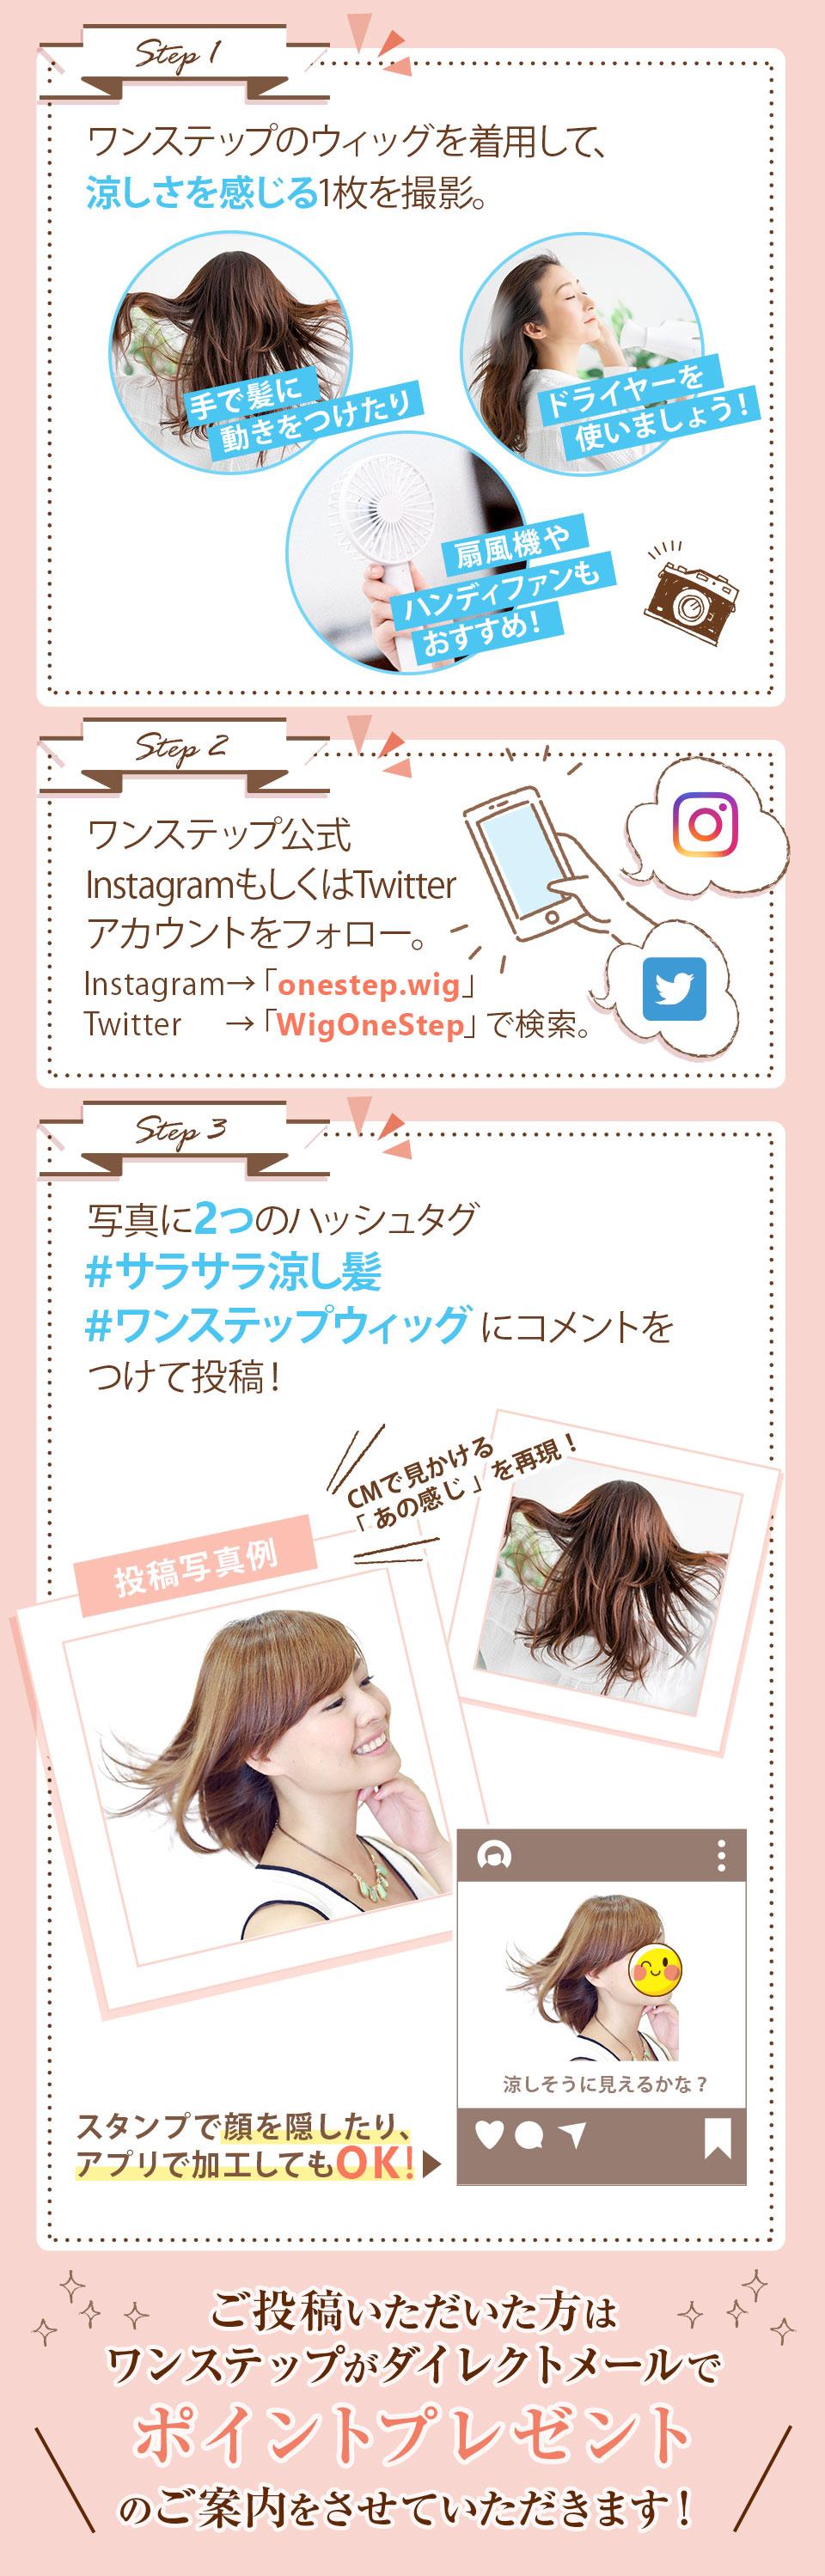 サラサラ涼し髪キャンペーン_応募方法_sp